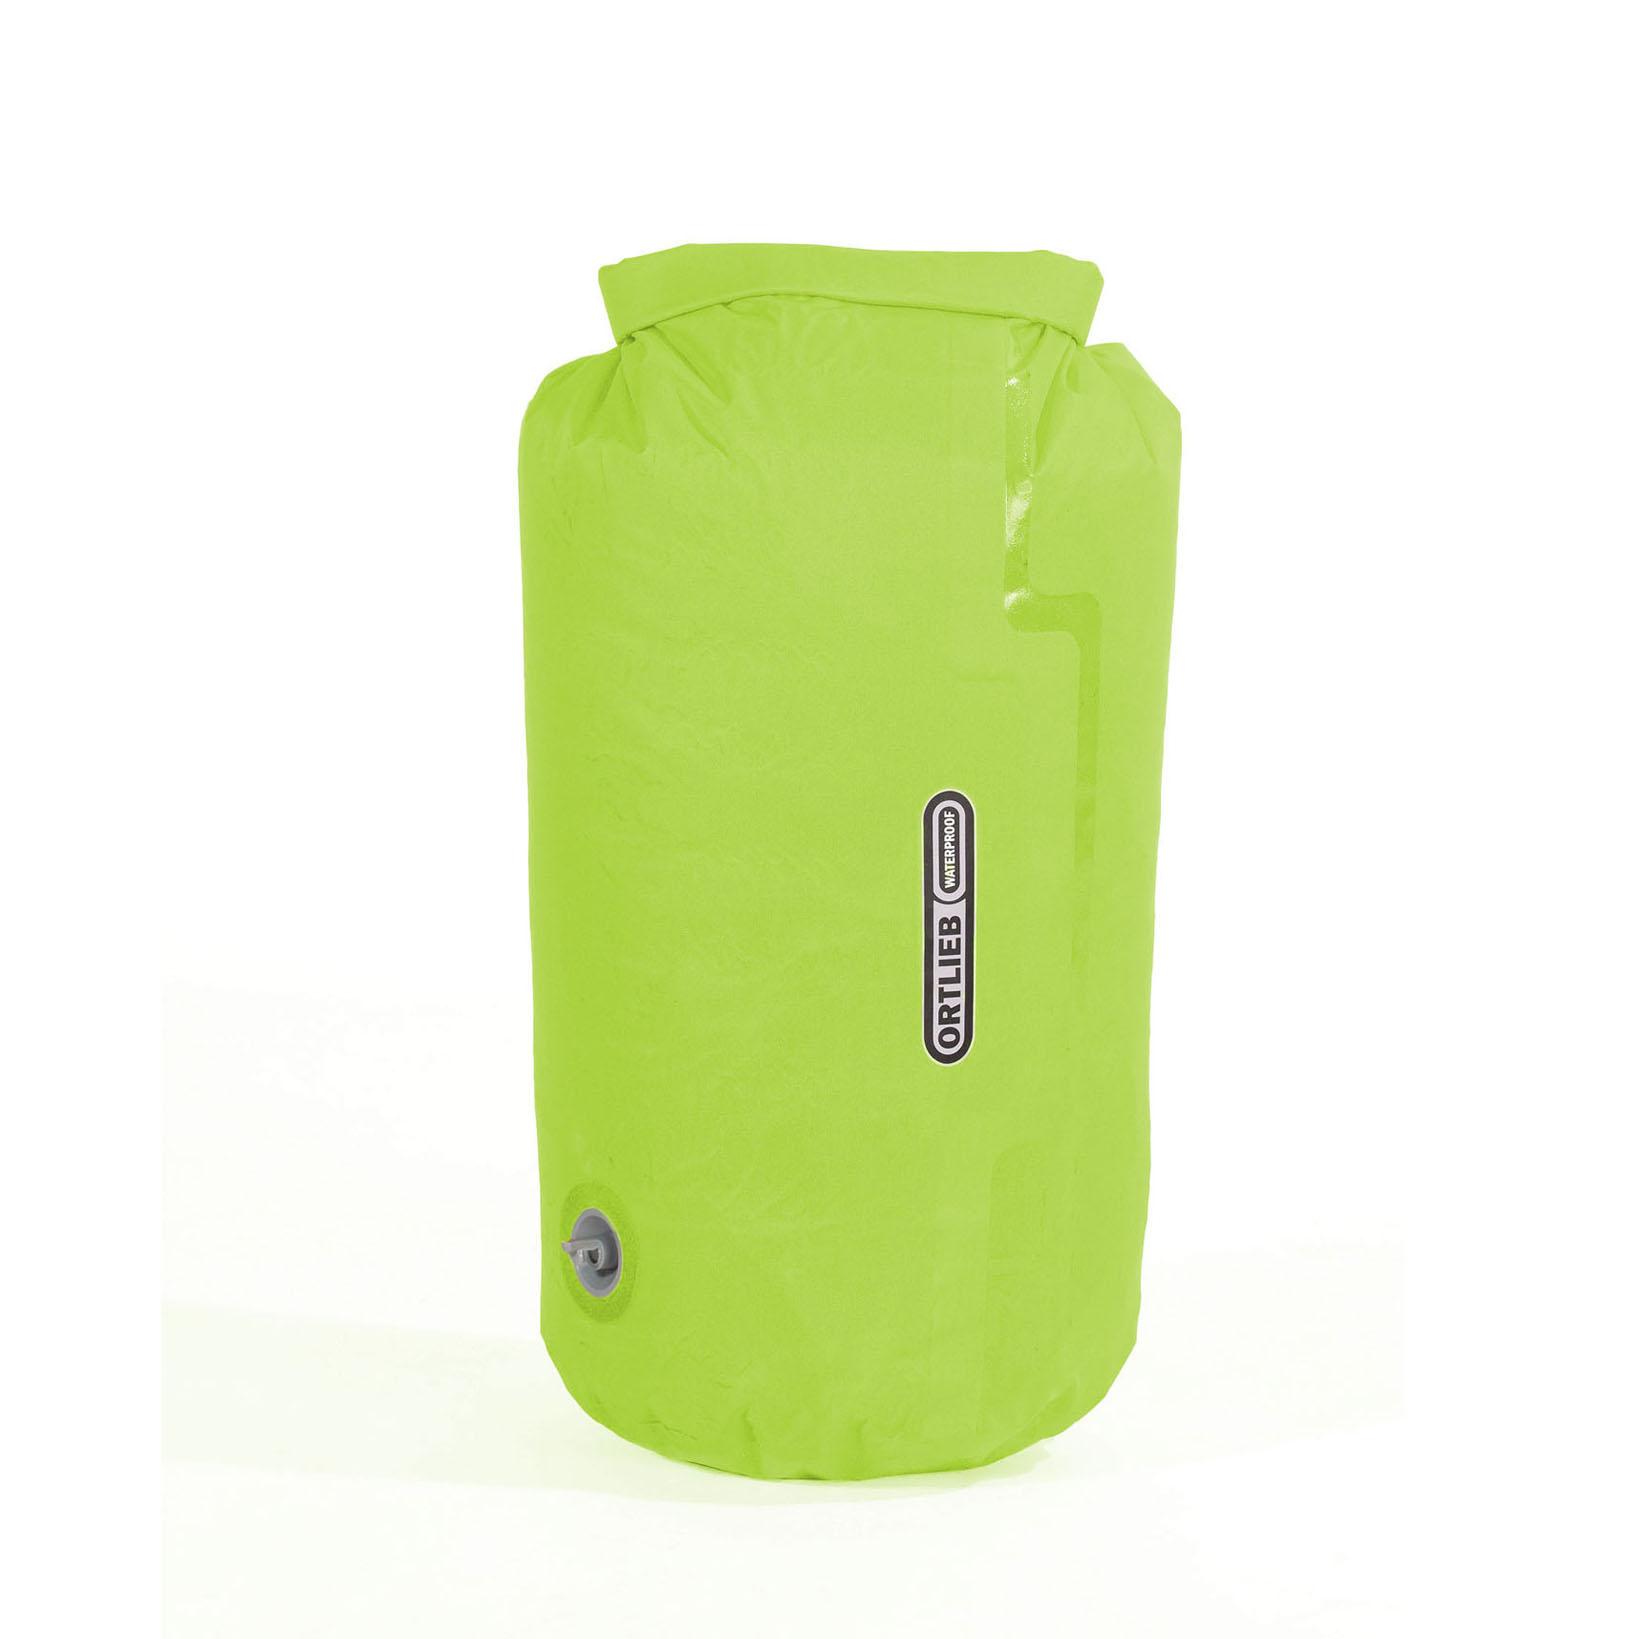 ORTLIEB(オルトリーブ)ドライバッグPS10 バルブ付 ライトグリーン 7L